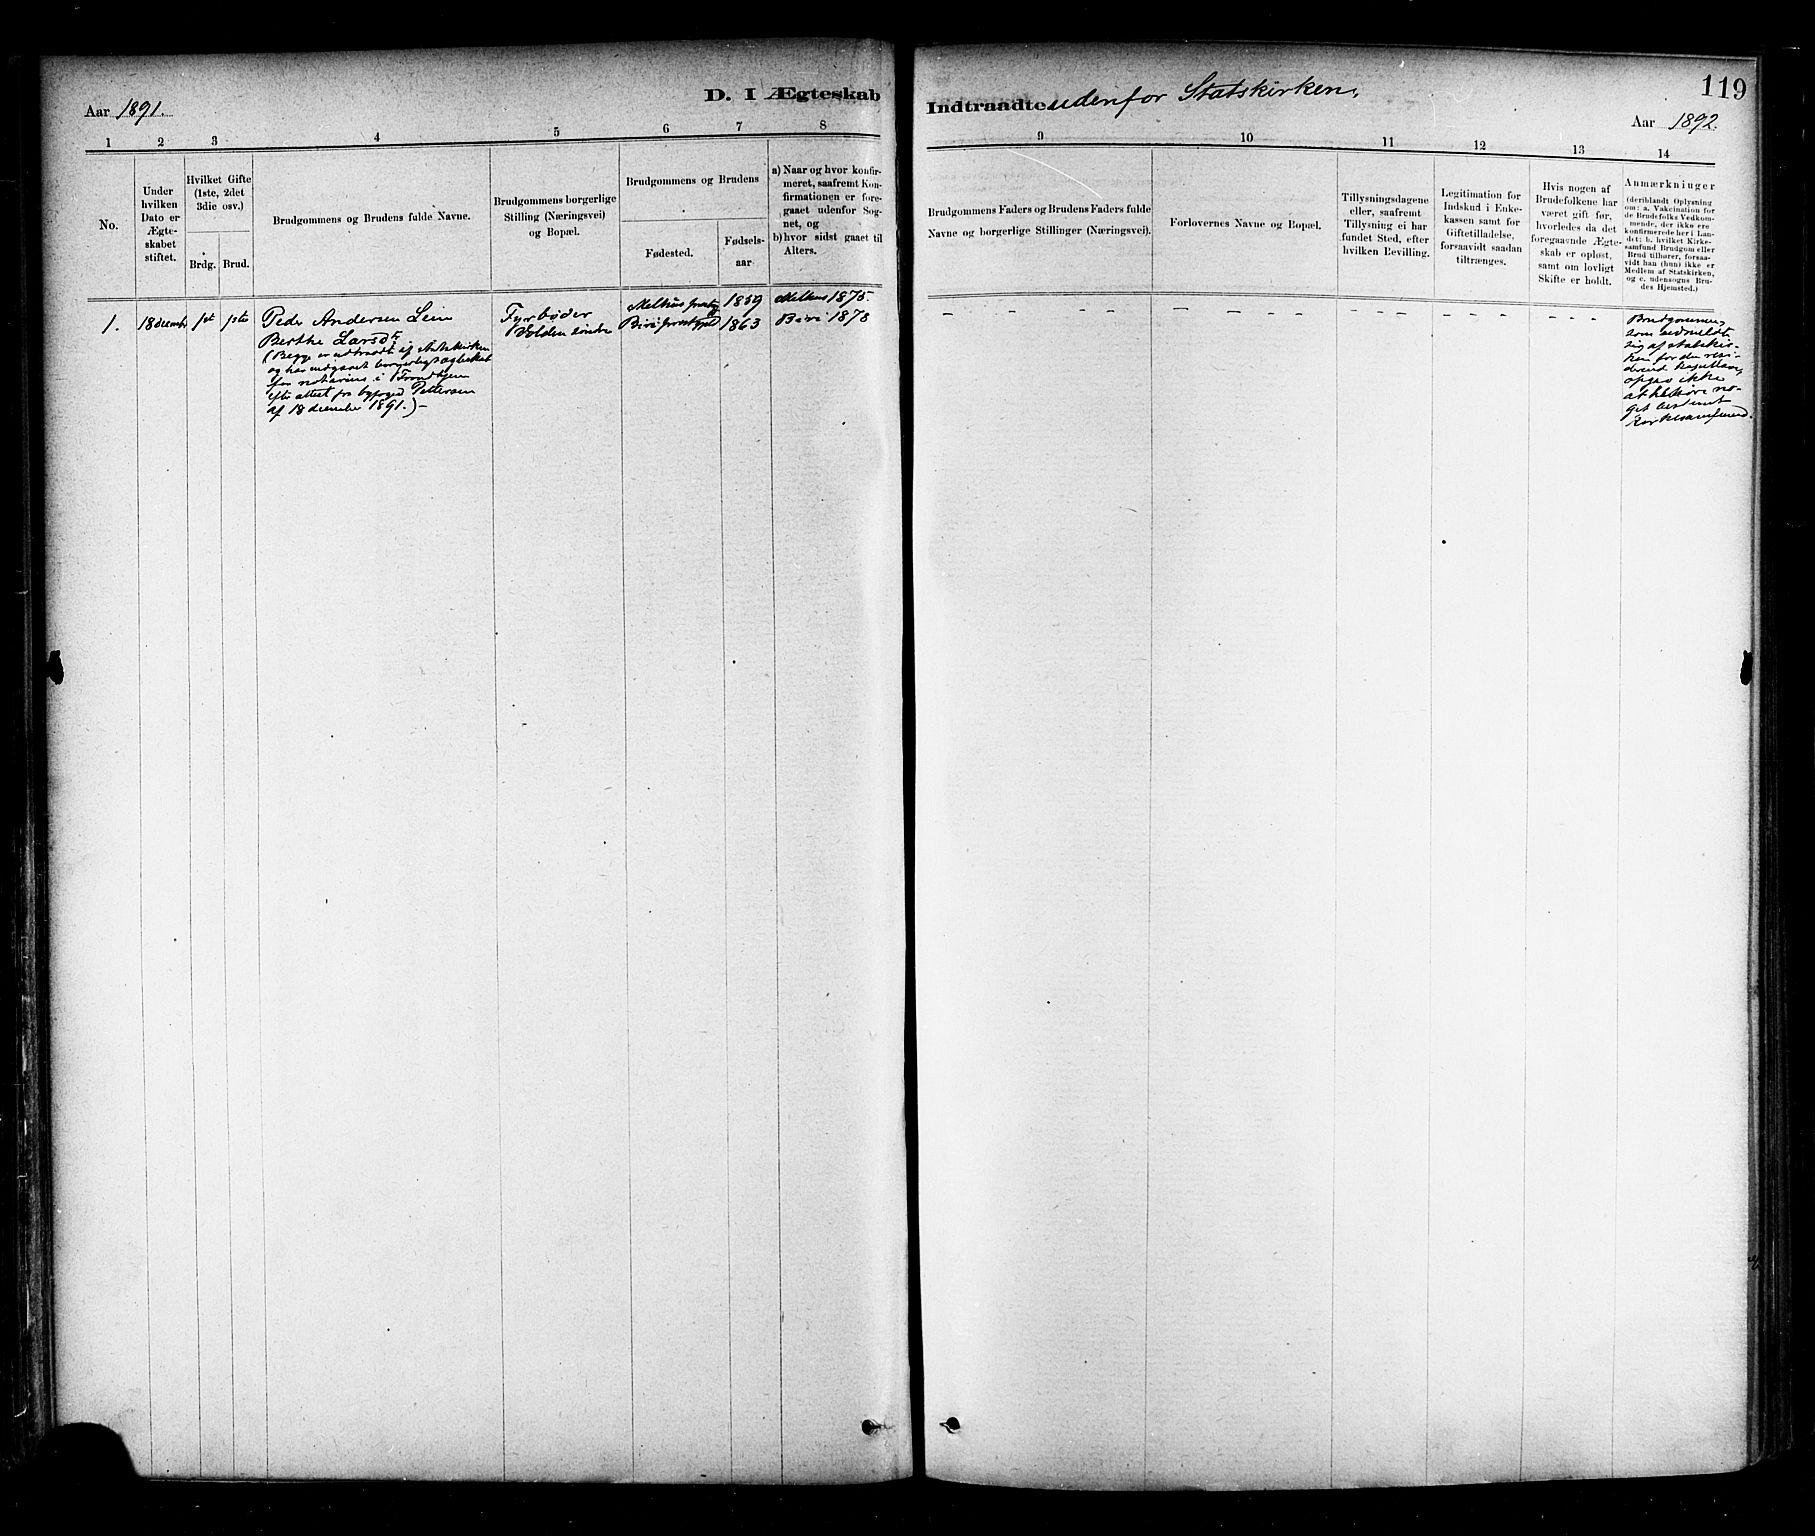 SAT, Ministerialprotokoller, klokkerbøker og fødselsregistre - Nord-Trøndelag, 706/L0047: Ministerialbok nr. 706A03, 1878-1892, s. 119